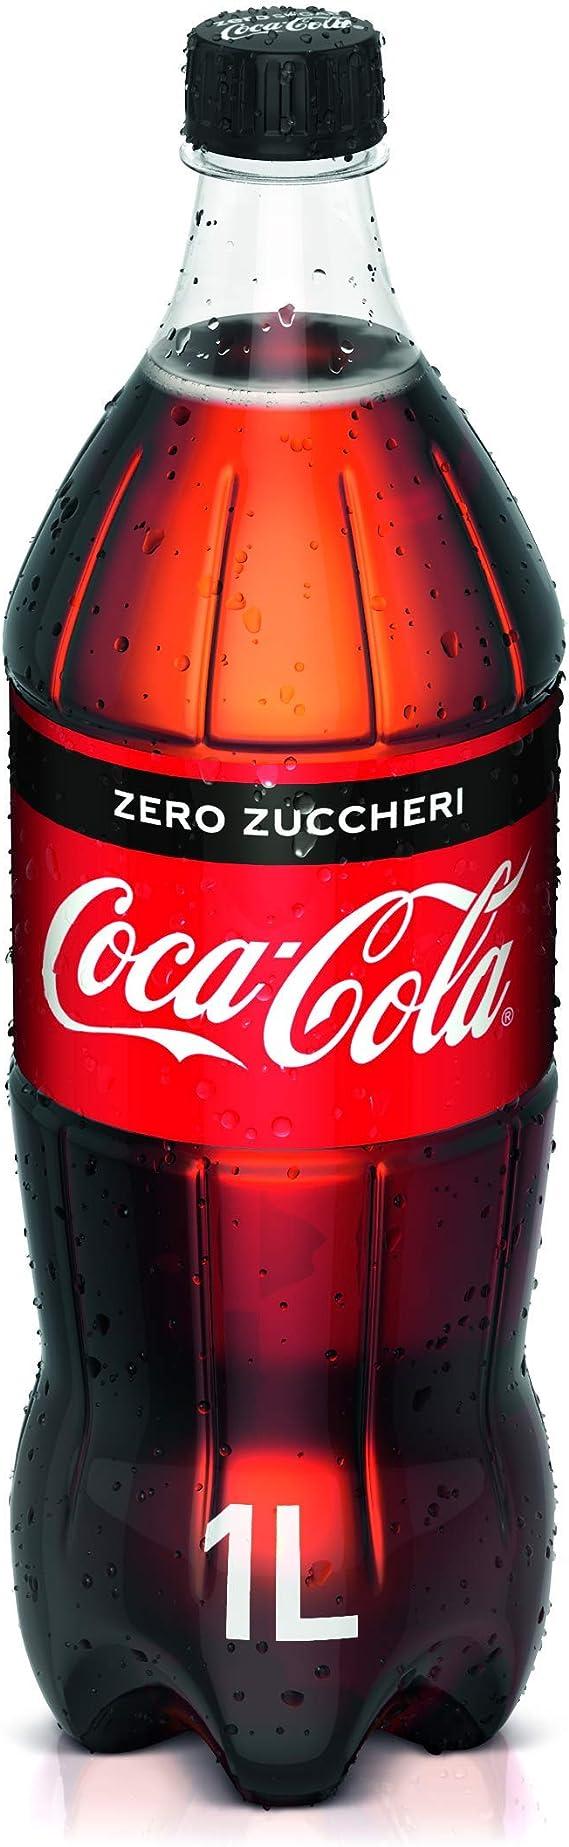 Coca-cola - Zero, sin azúcar, pet - 1l: Amazon.es: Alimentación y bebidas